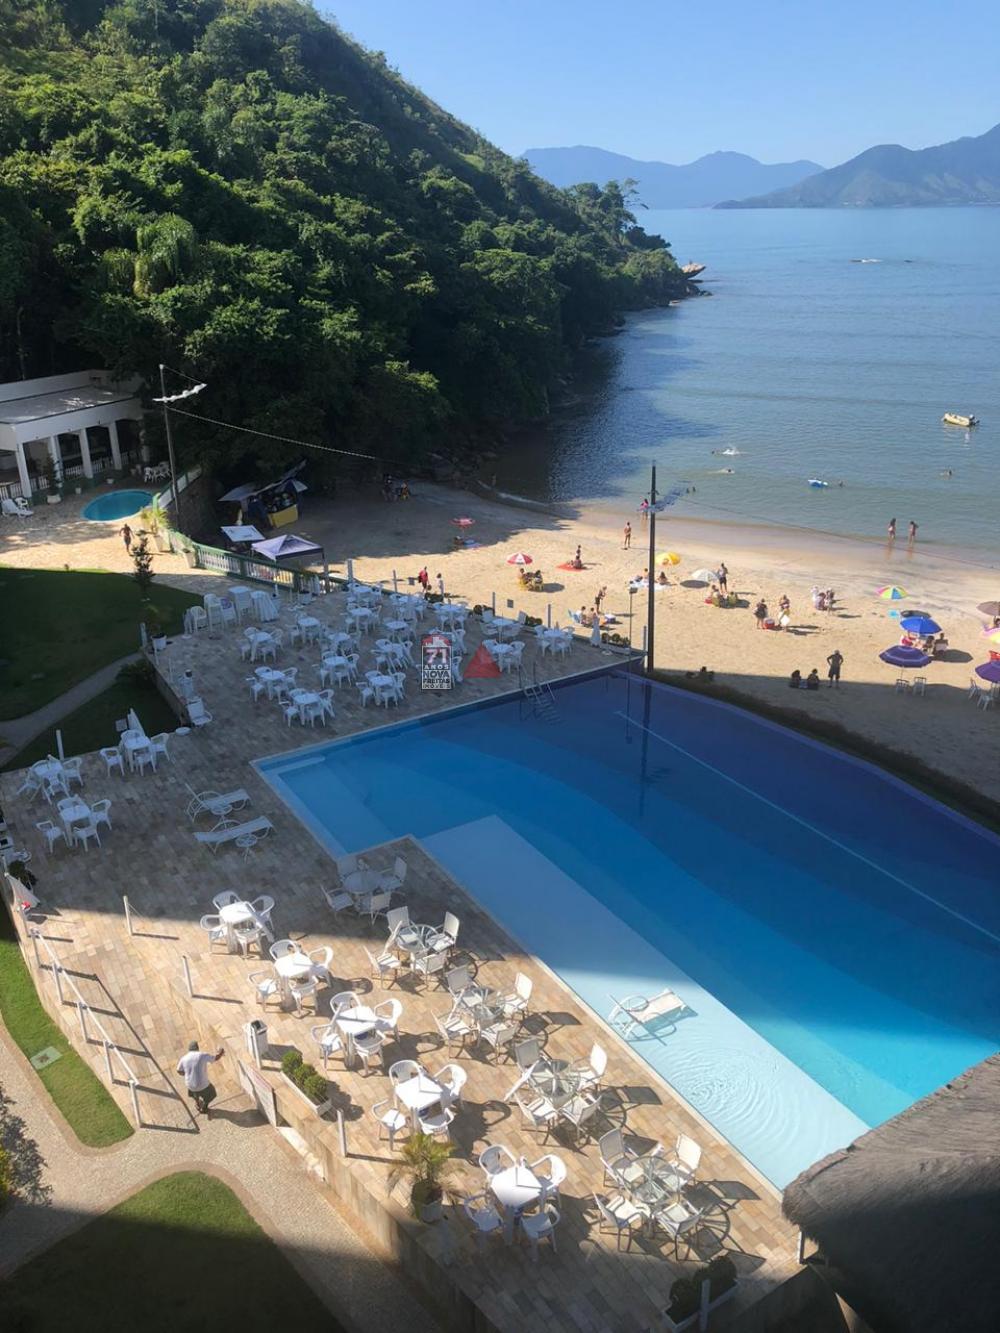 Comprar Apartamento / Padrão em Caraguatatuba apenas R$ 1.600.000,00 - Foto 5